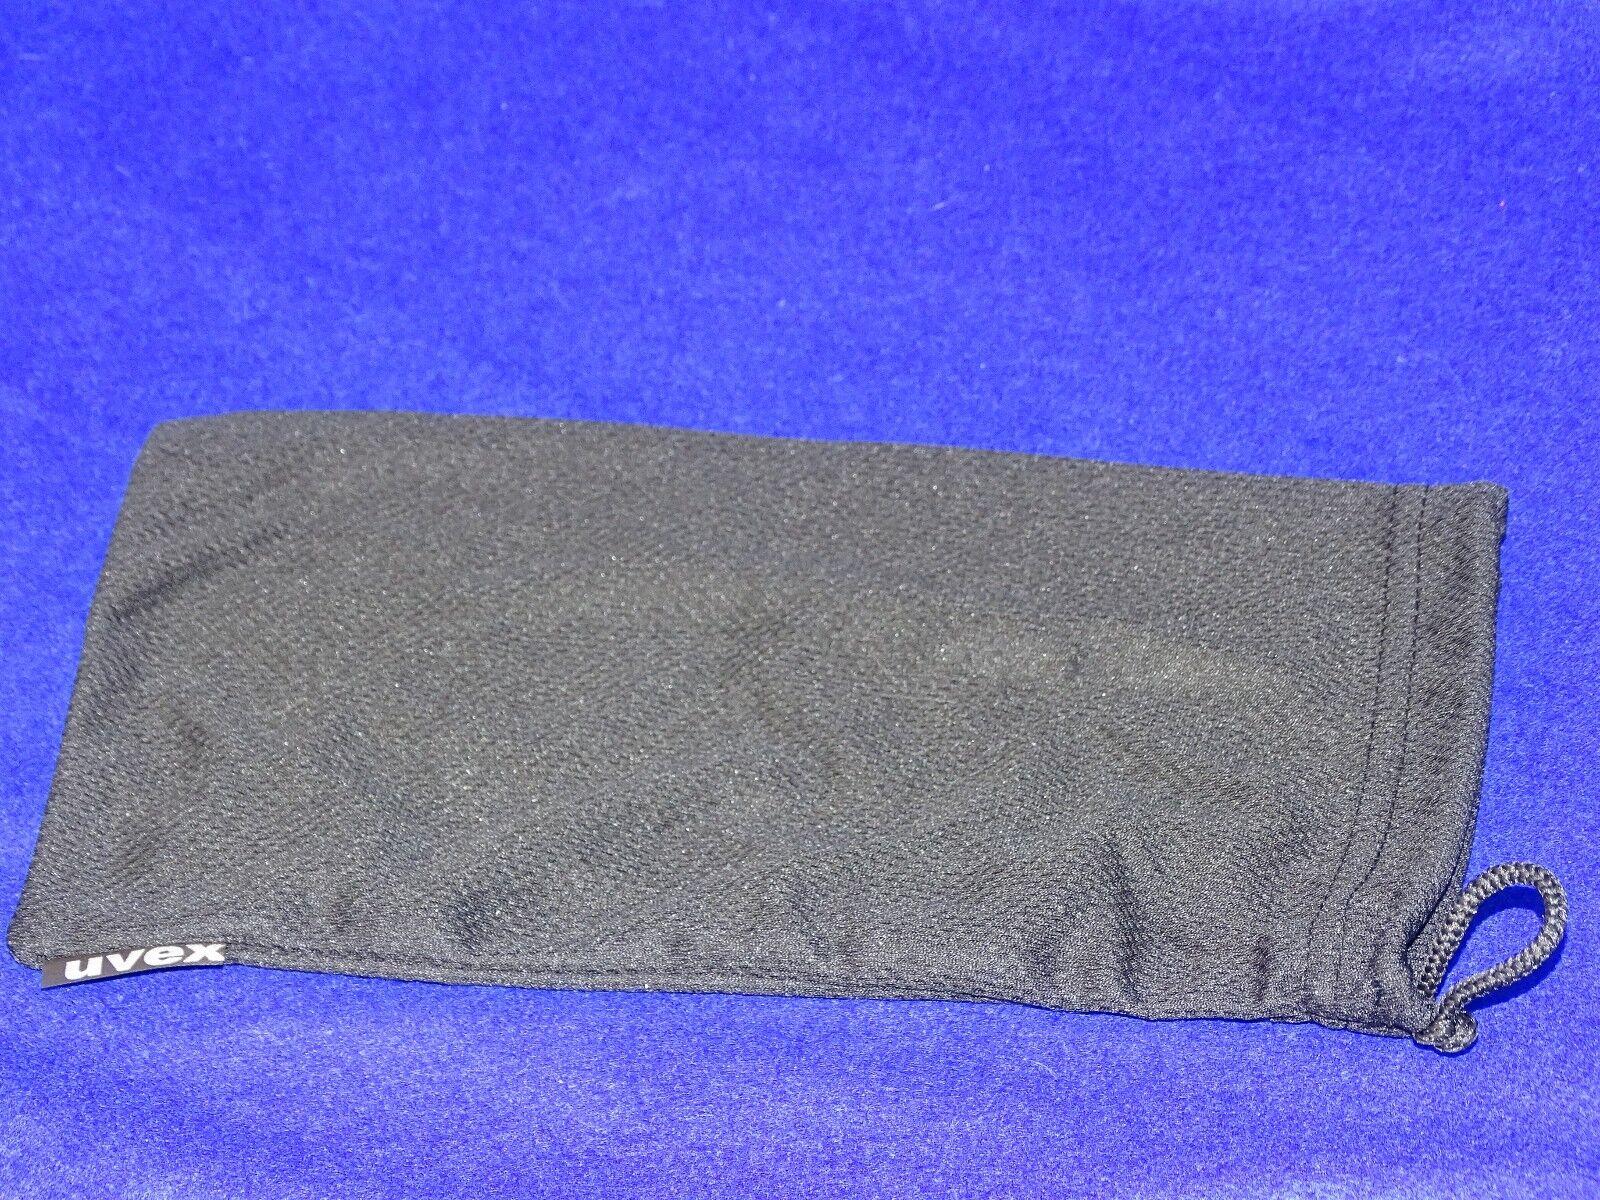 UVEX Skibrille Weiß, Hypersonic,  Weiß, Skibrille One Größe, 5504130126 f67e14